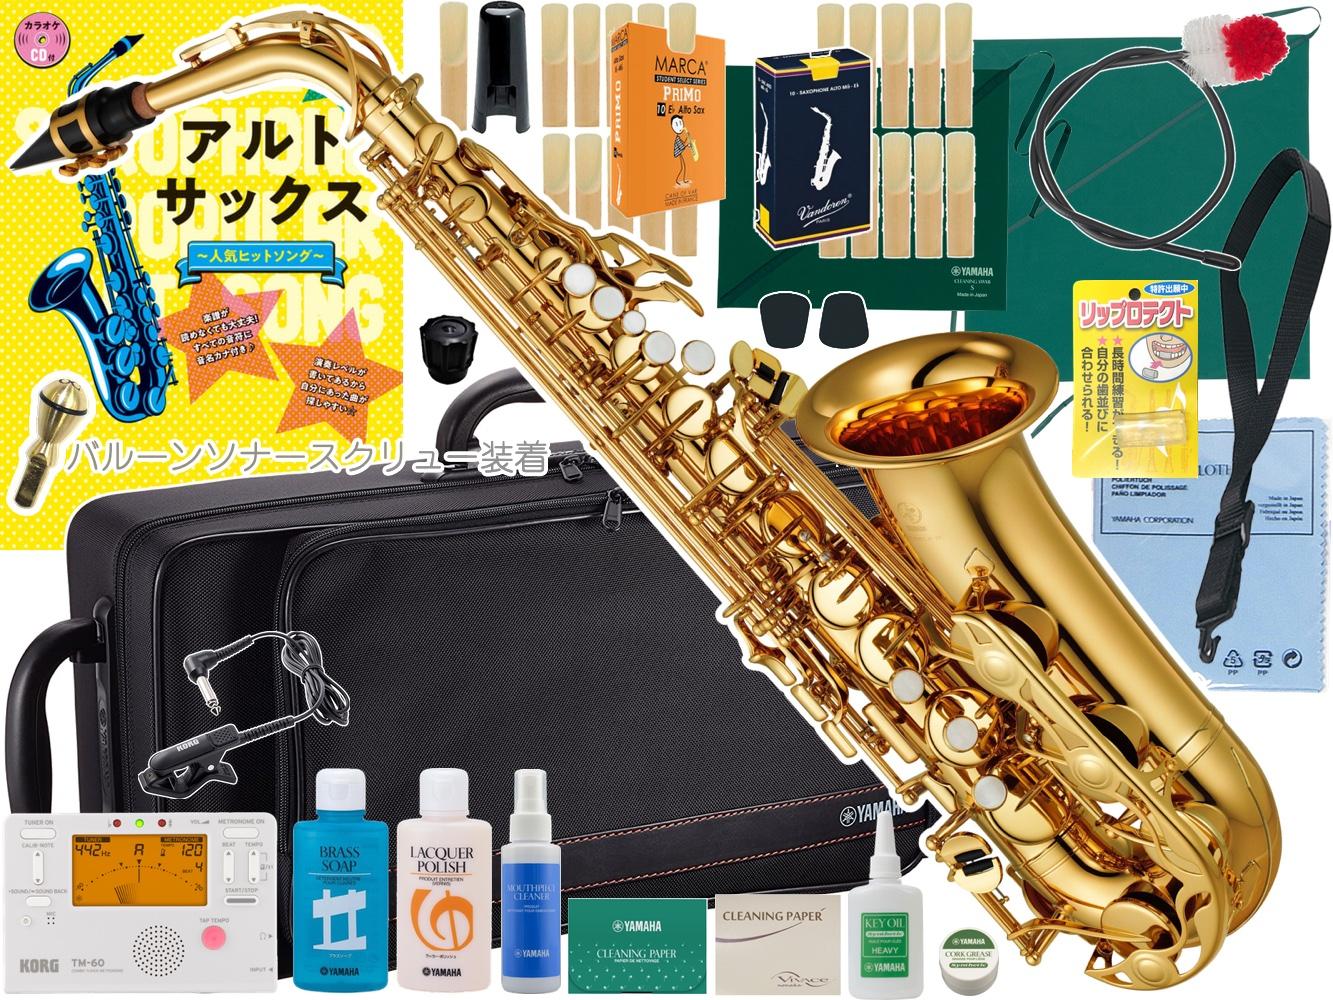 YAS-280-01 初心者 スダンダード 低廉 サクソフォン 吹奏楽 YAMAHA ヤマハ YAS-280 アルトサックス 正規品 管楽器 E♭ gold 沖縄 北海道 D 離島不可 在庫処分 セット 管体 ゴールド saxophone 本体 alto